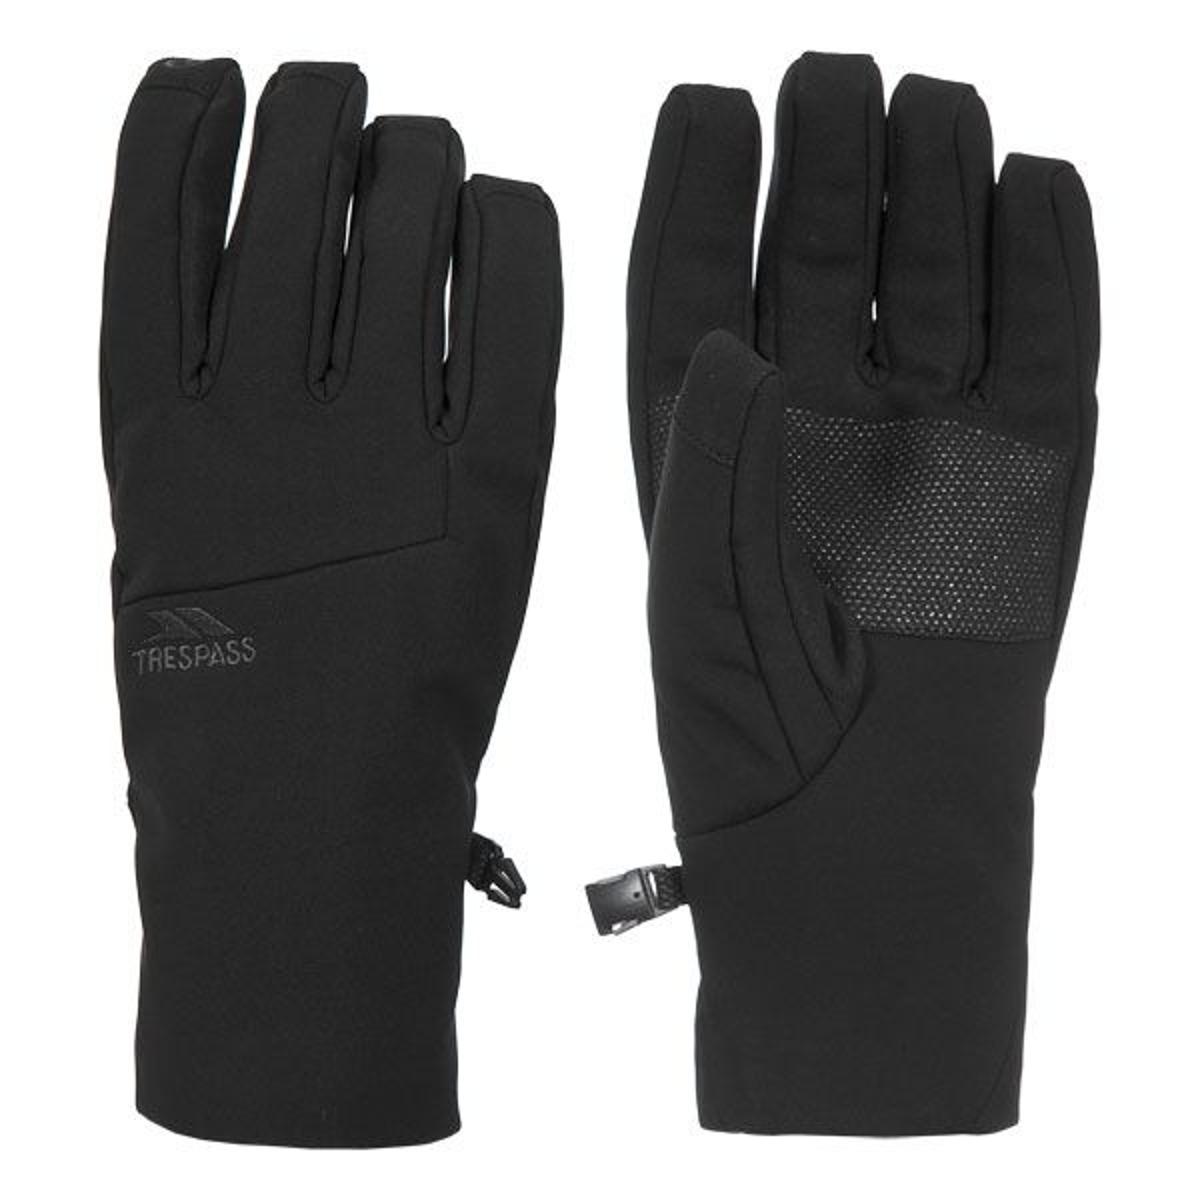 ROYCE - gants tactiles unisexe - adulte